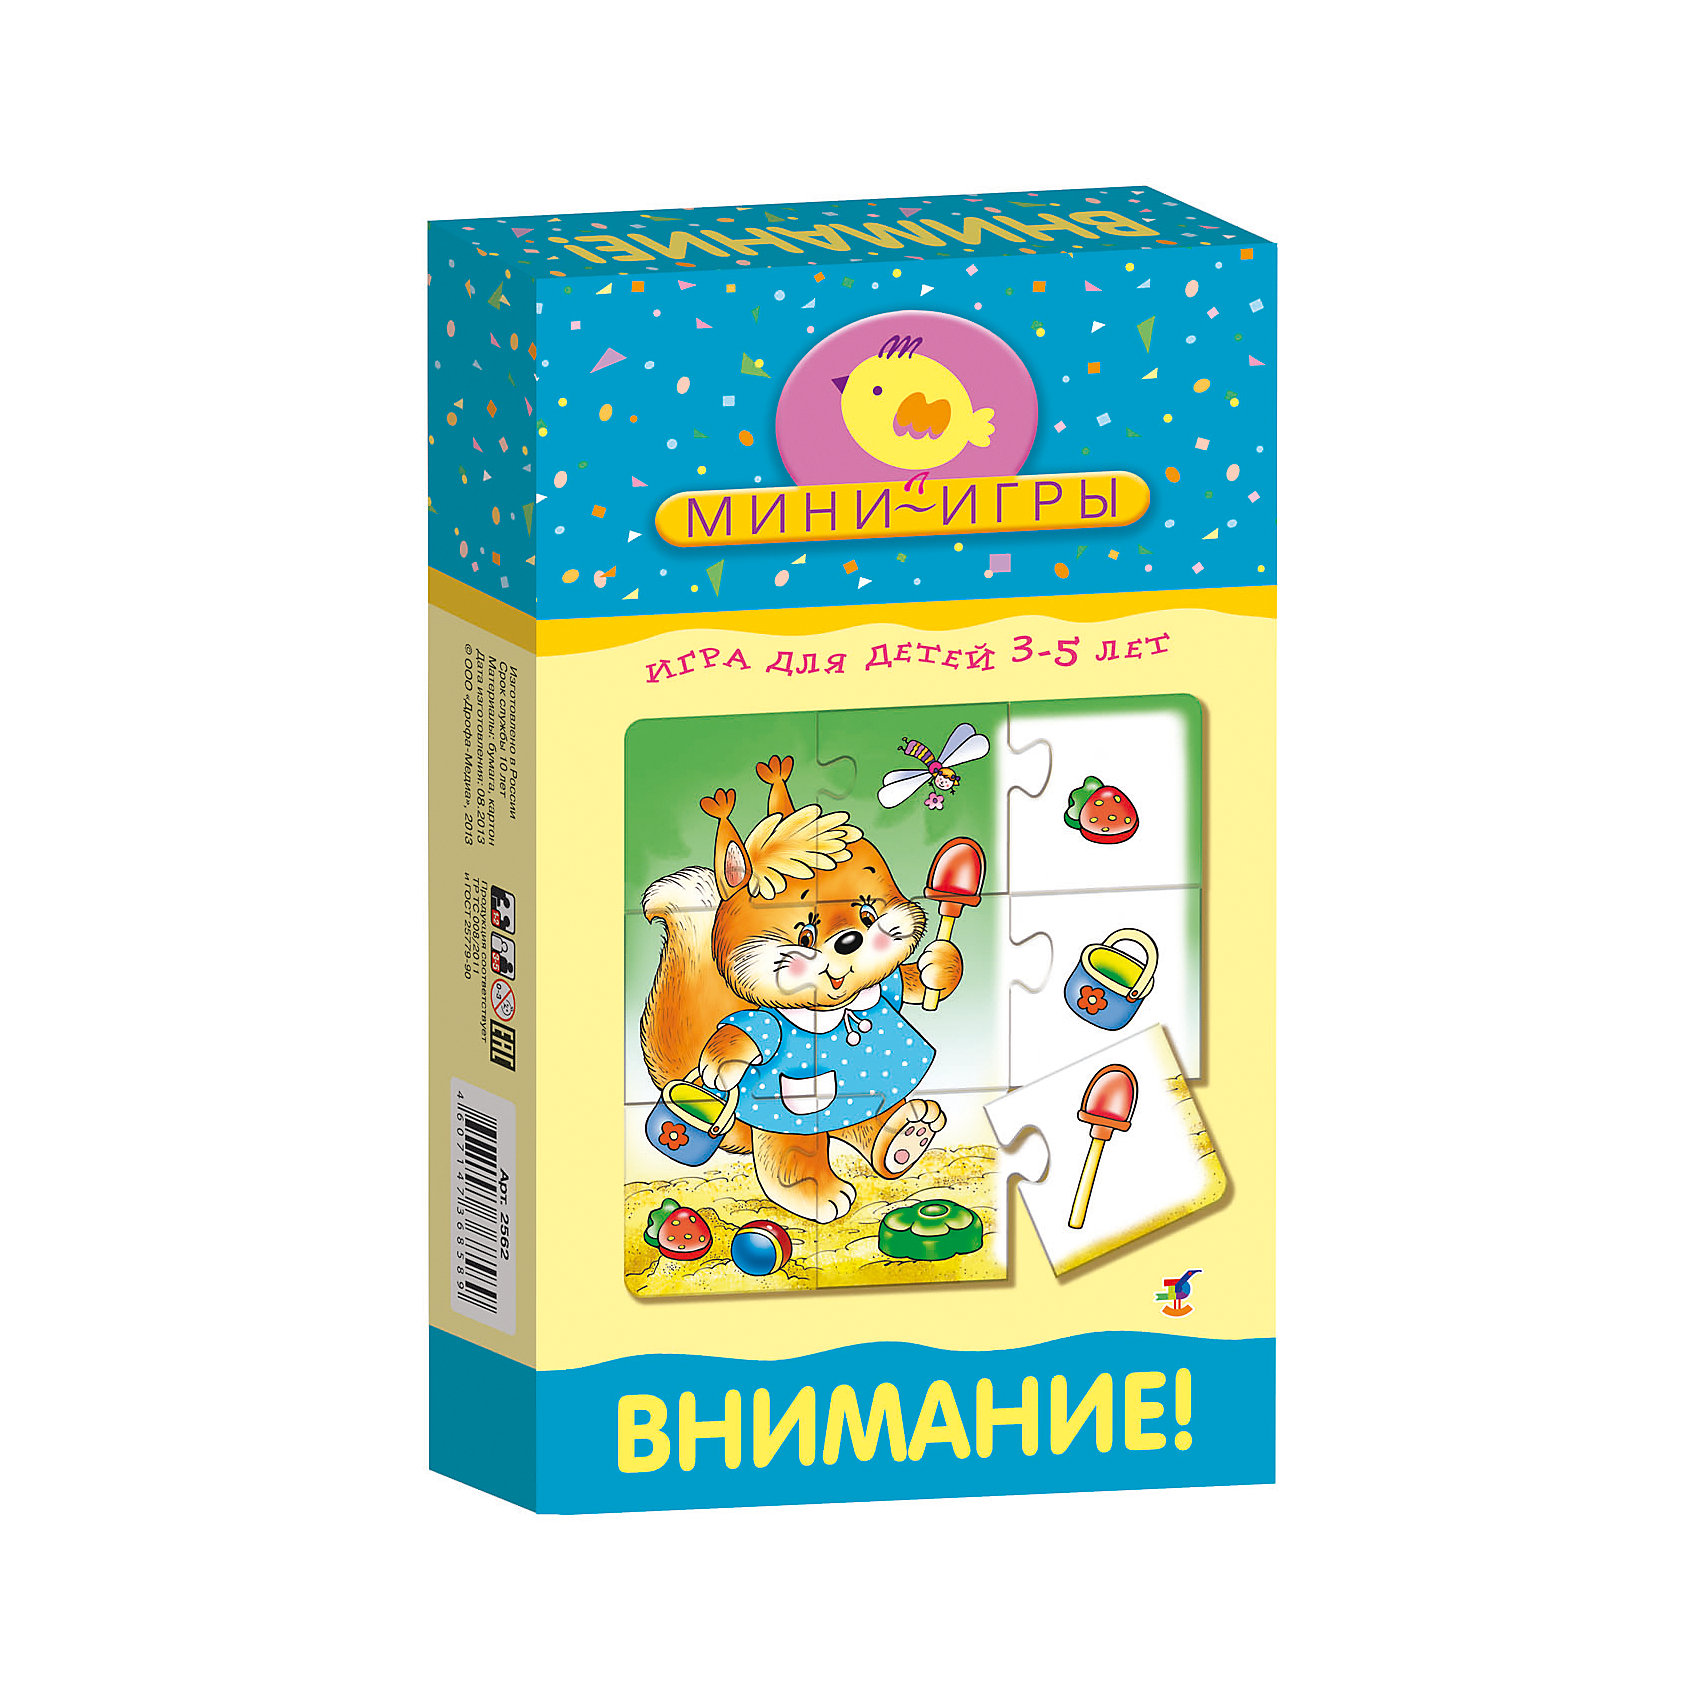 Мини-игра Внимание!, Дрофа-МедиаОкружающий мир<br>Характеристики мини-игры Внимание!:<br><br>- возраст: от 3 до 5 лет<br>- пол: для мальчиков и девочек<br>- комплект: 36 карточек, правила игры.<br>- количество предполагаемых игроков: 1-2.<br>- материал: картон, бумага.<br>- размер упаковки: 12 * 20 * 3.5 см.<br>- упаковка: картонная коробка.<br>- бренд: Дрофа-Медиа<br>- страна обладатель бренда: Россия.<br><br>Суть настольной мини-игры Внимание! заключается в сборке мозаики на скорость. Ведущий раздает участниками игры элементы четырех предлагаемых картинок. В набор входят мозаики с изображением белочки, кошечки, собачки и мышонка. Первый игрок, который быстрее всех собрал мозаику, считается победителем.<br><br>Мини-игру Внимание! издательства Дрофа-Медиа можно купить в нашем интернет-магазине.<br><br>Ширина мм: 120<br>Глубина мм: 35<br>Высота мм: 200<br>Вес г: 140<br>Возраст от месяцев: 36<br>Возраст до месяцев: 2147483647<br>Пол: Унисекс<br>Возраст: Детский<br>SKU: 5386285